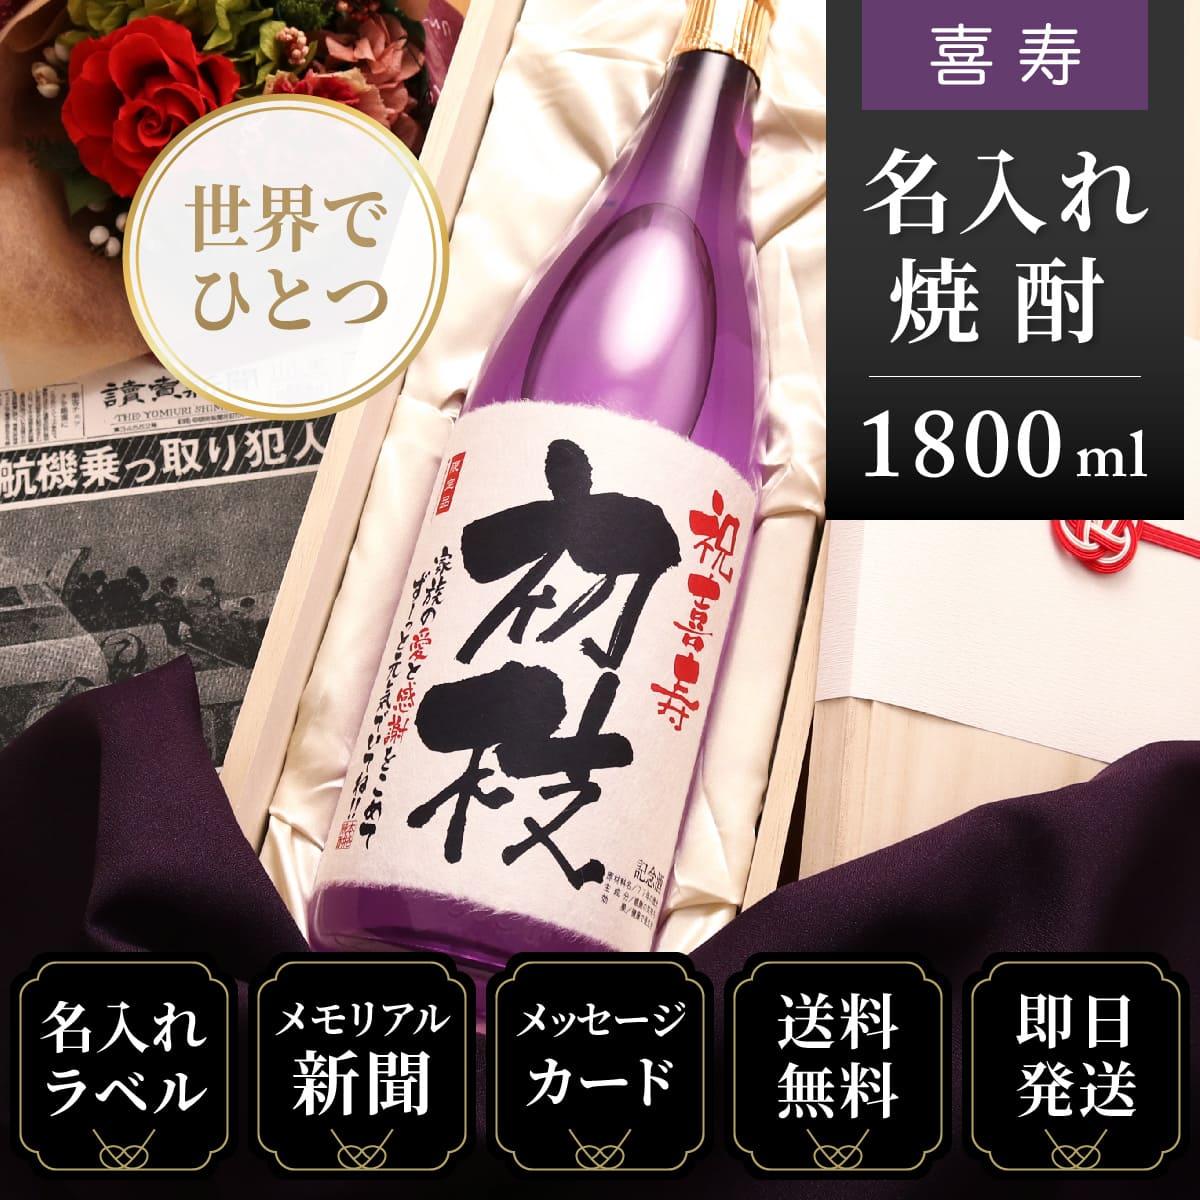 喜寿のお祝い、プレゼントに誕生日の新聞付き「華乃菫」1800ml(酒粕焼酎)